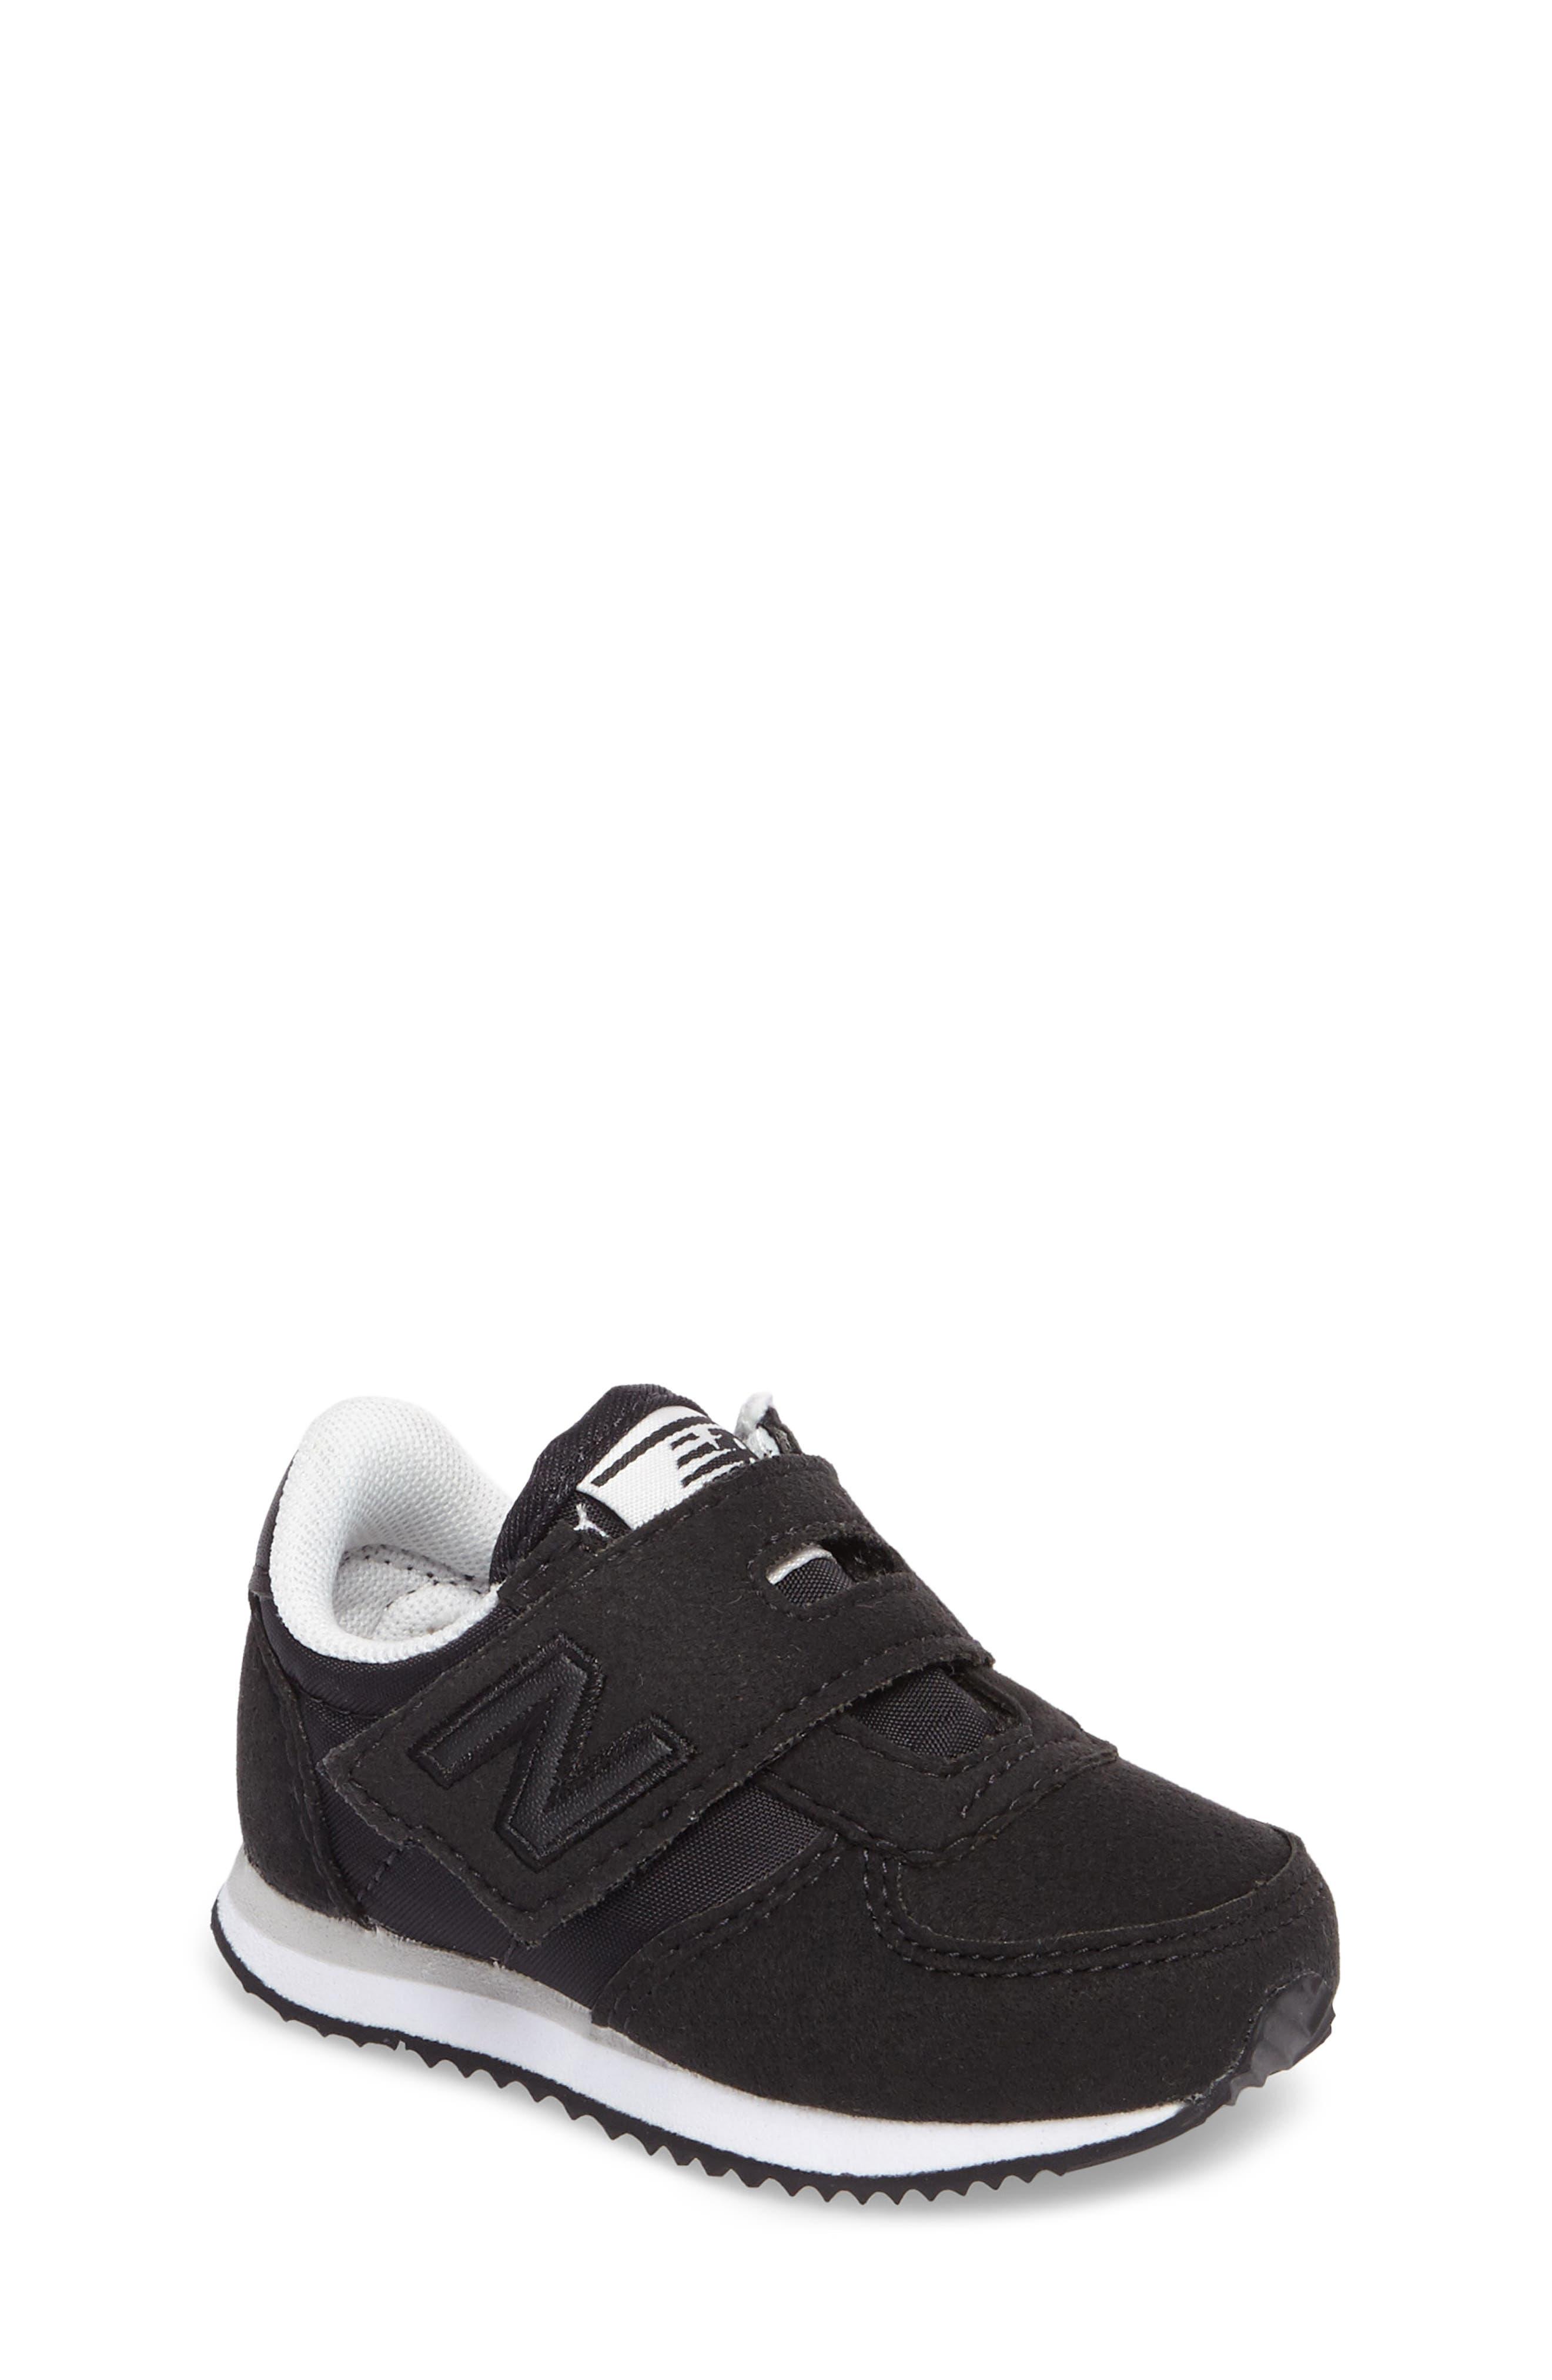 New Balance 220 Hook and Loop Sneaker (Baby, Walker, Toddler, Little Kid & Big Kid)